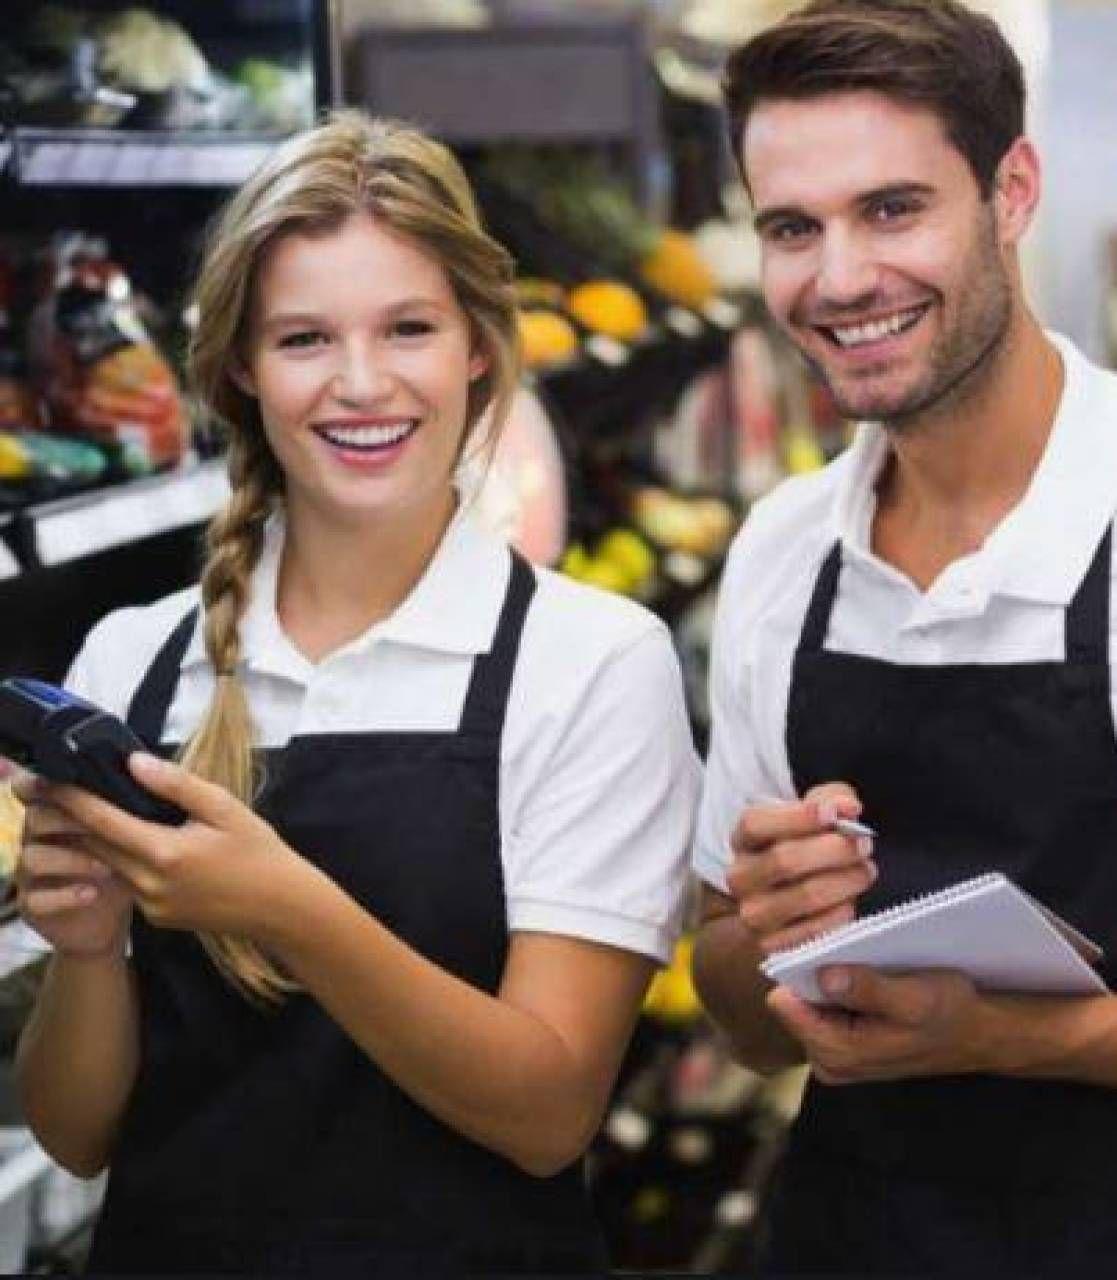 Tante offerte di lavoro per i più giovani ma sotto forma di stage o apprendistato; a destra una manifistazione. sul problema dell'occupazione giovanile